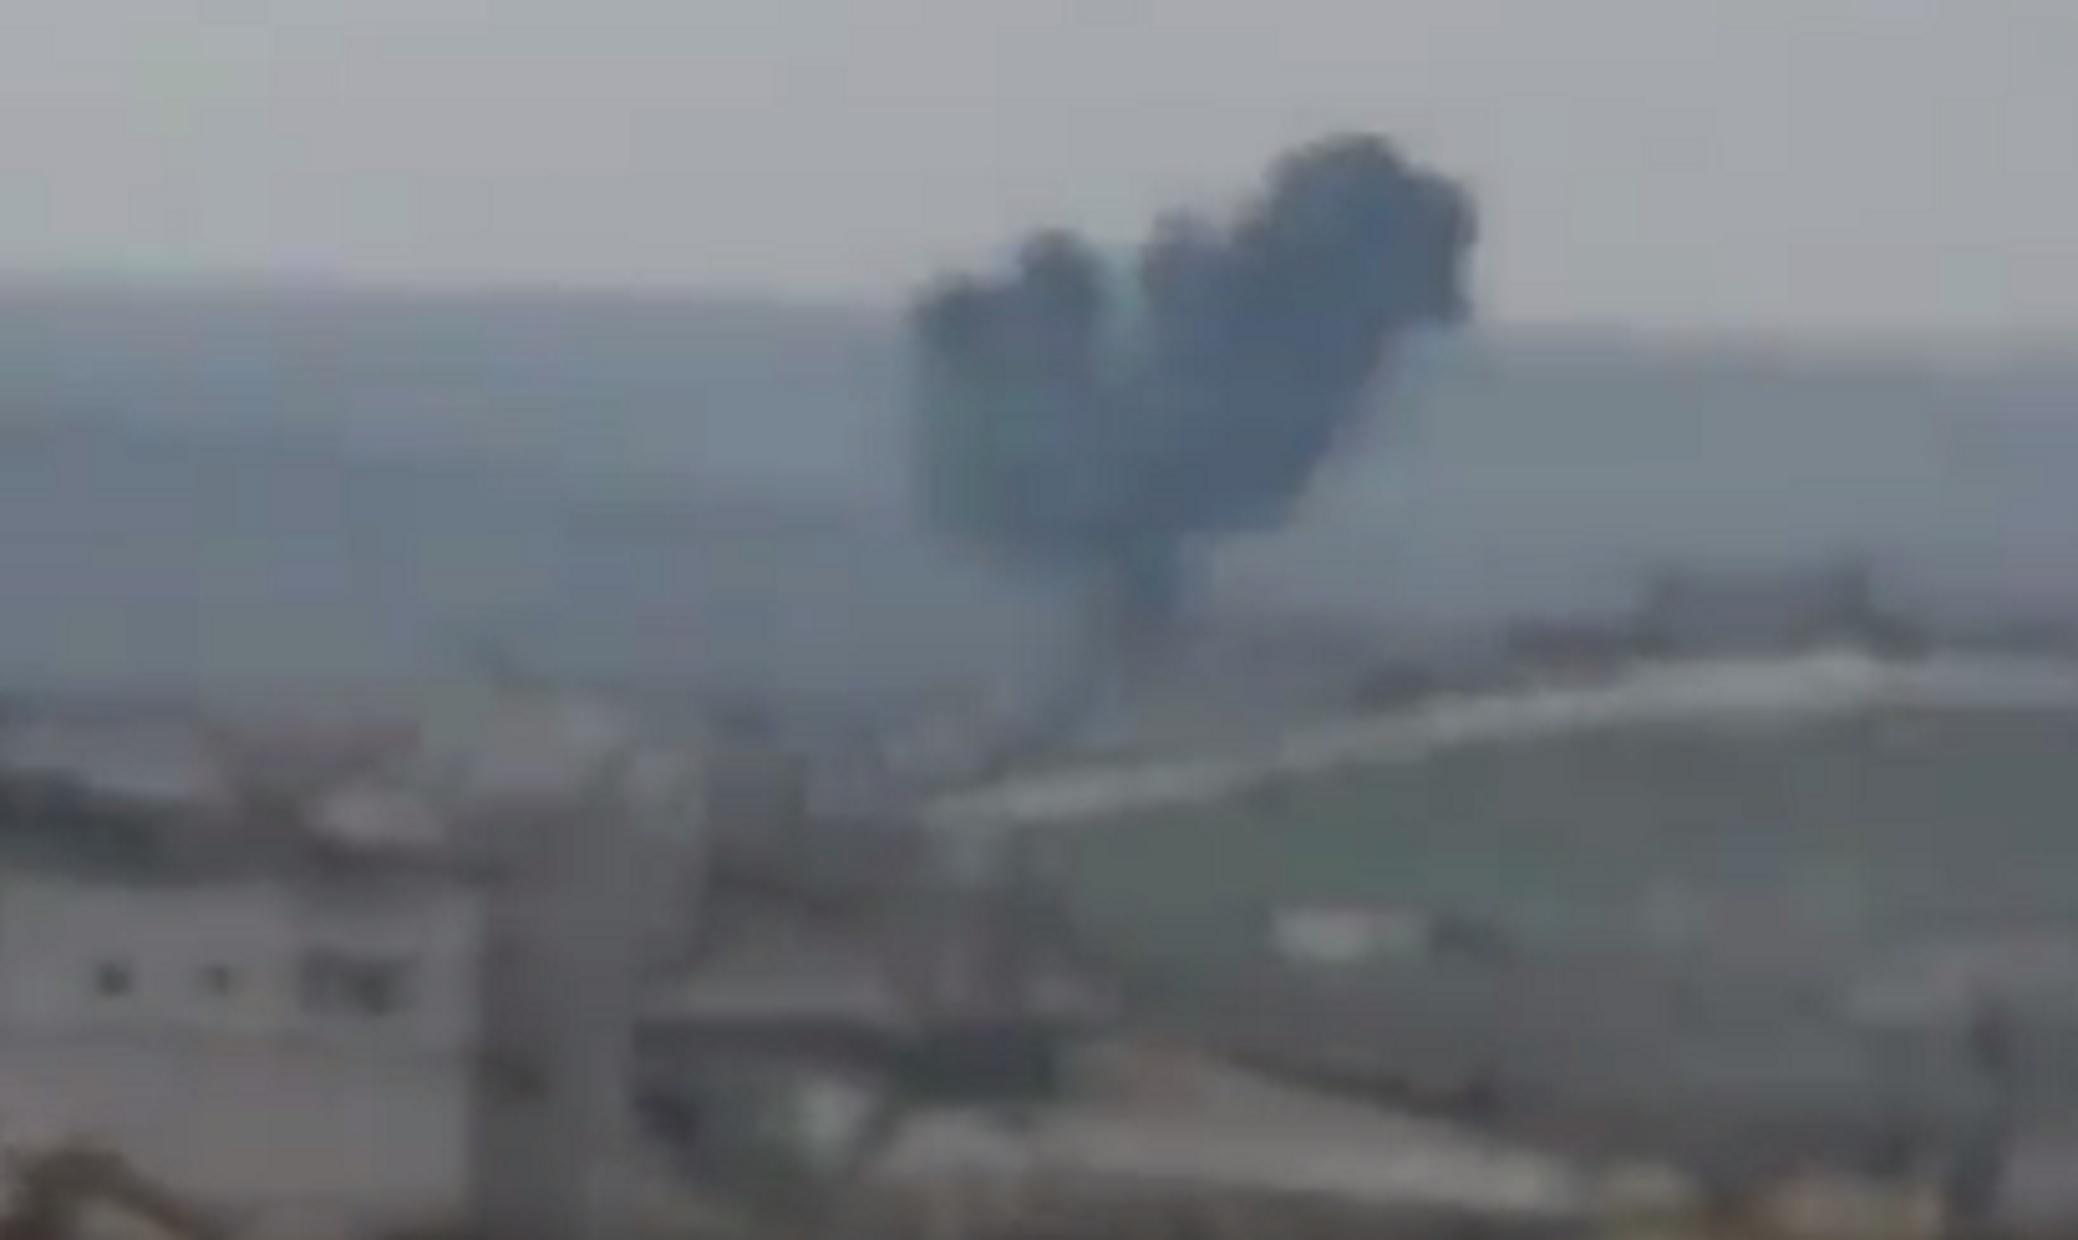 Συρία: 22 Τούρκοι στρατιώτες νεκροί! Εξαπέλυσε επίθεση η Τουρκία